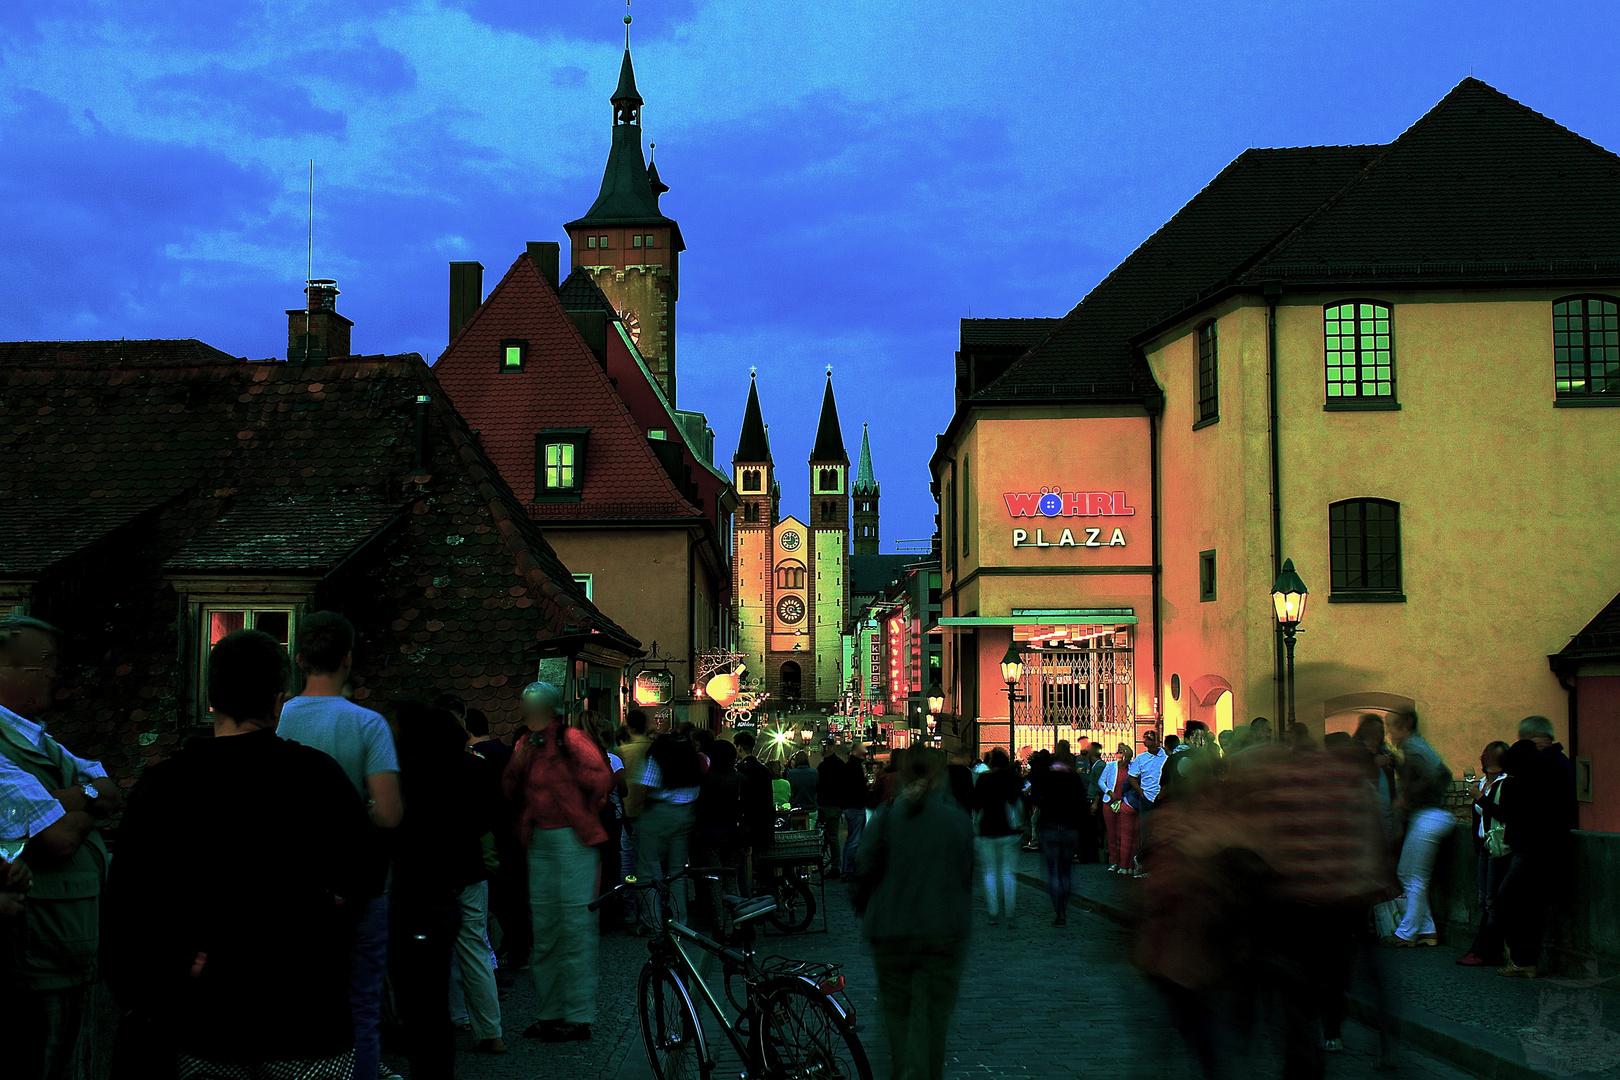 Nachtleben auf der alten Mainbrücke in Würzburg